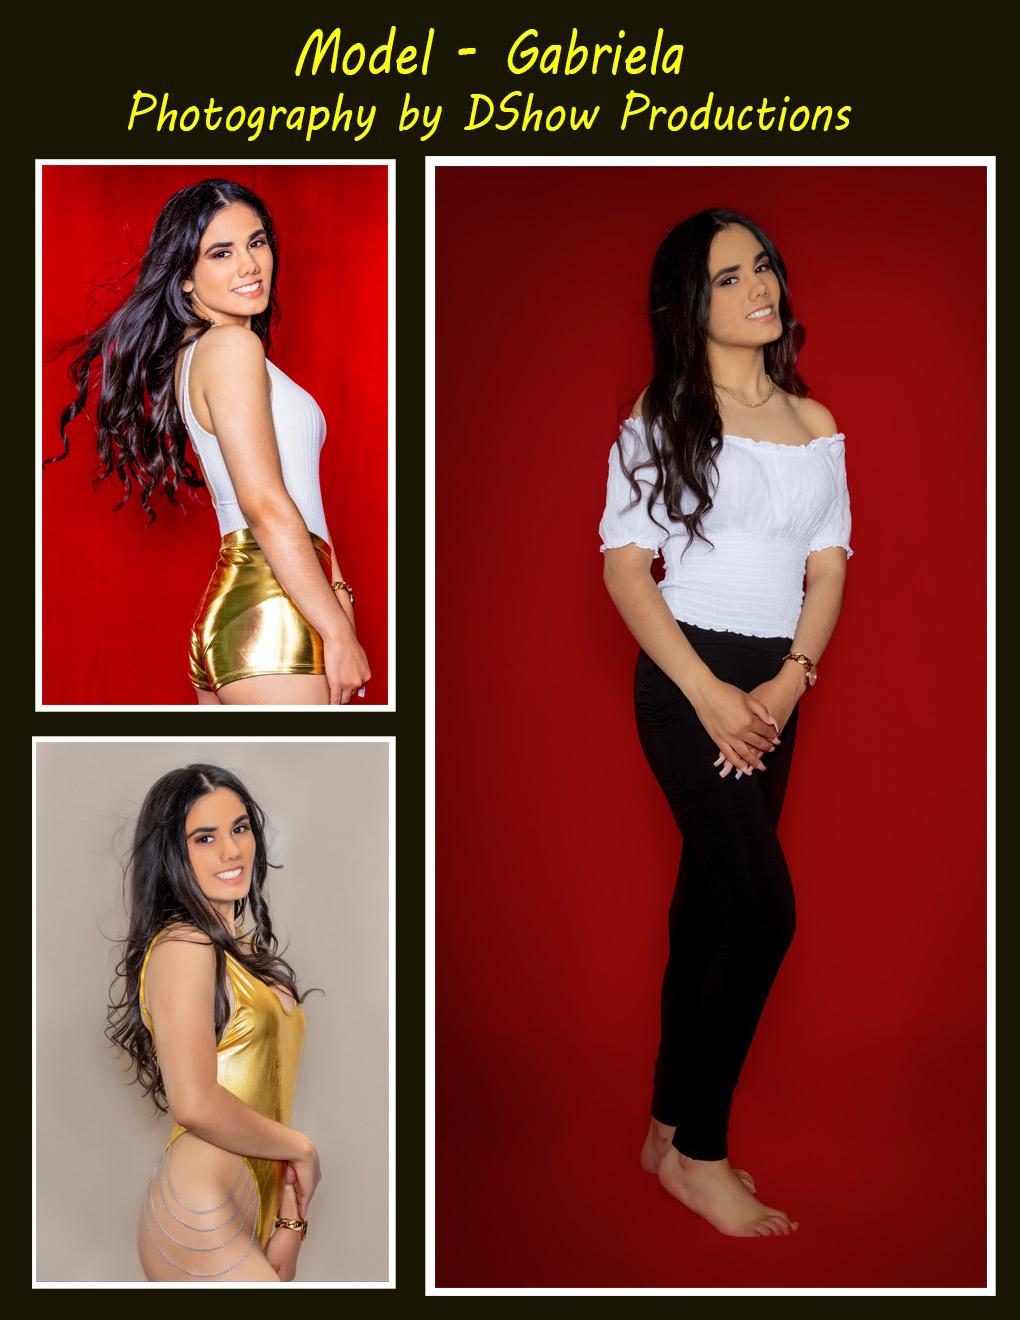 Gabriela Philly Model